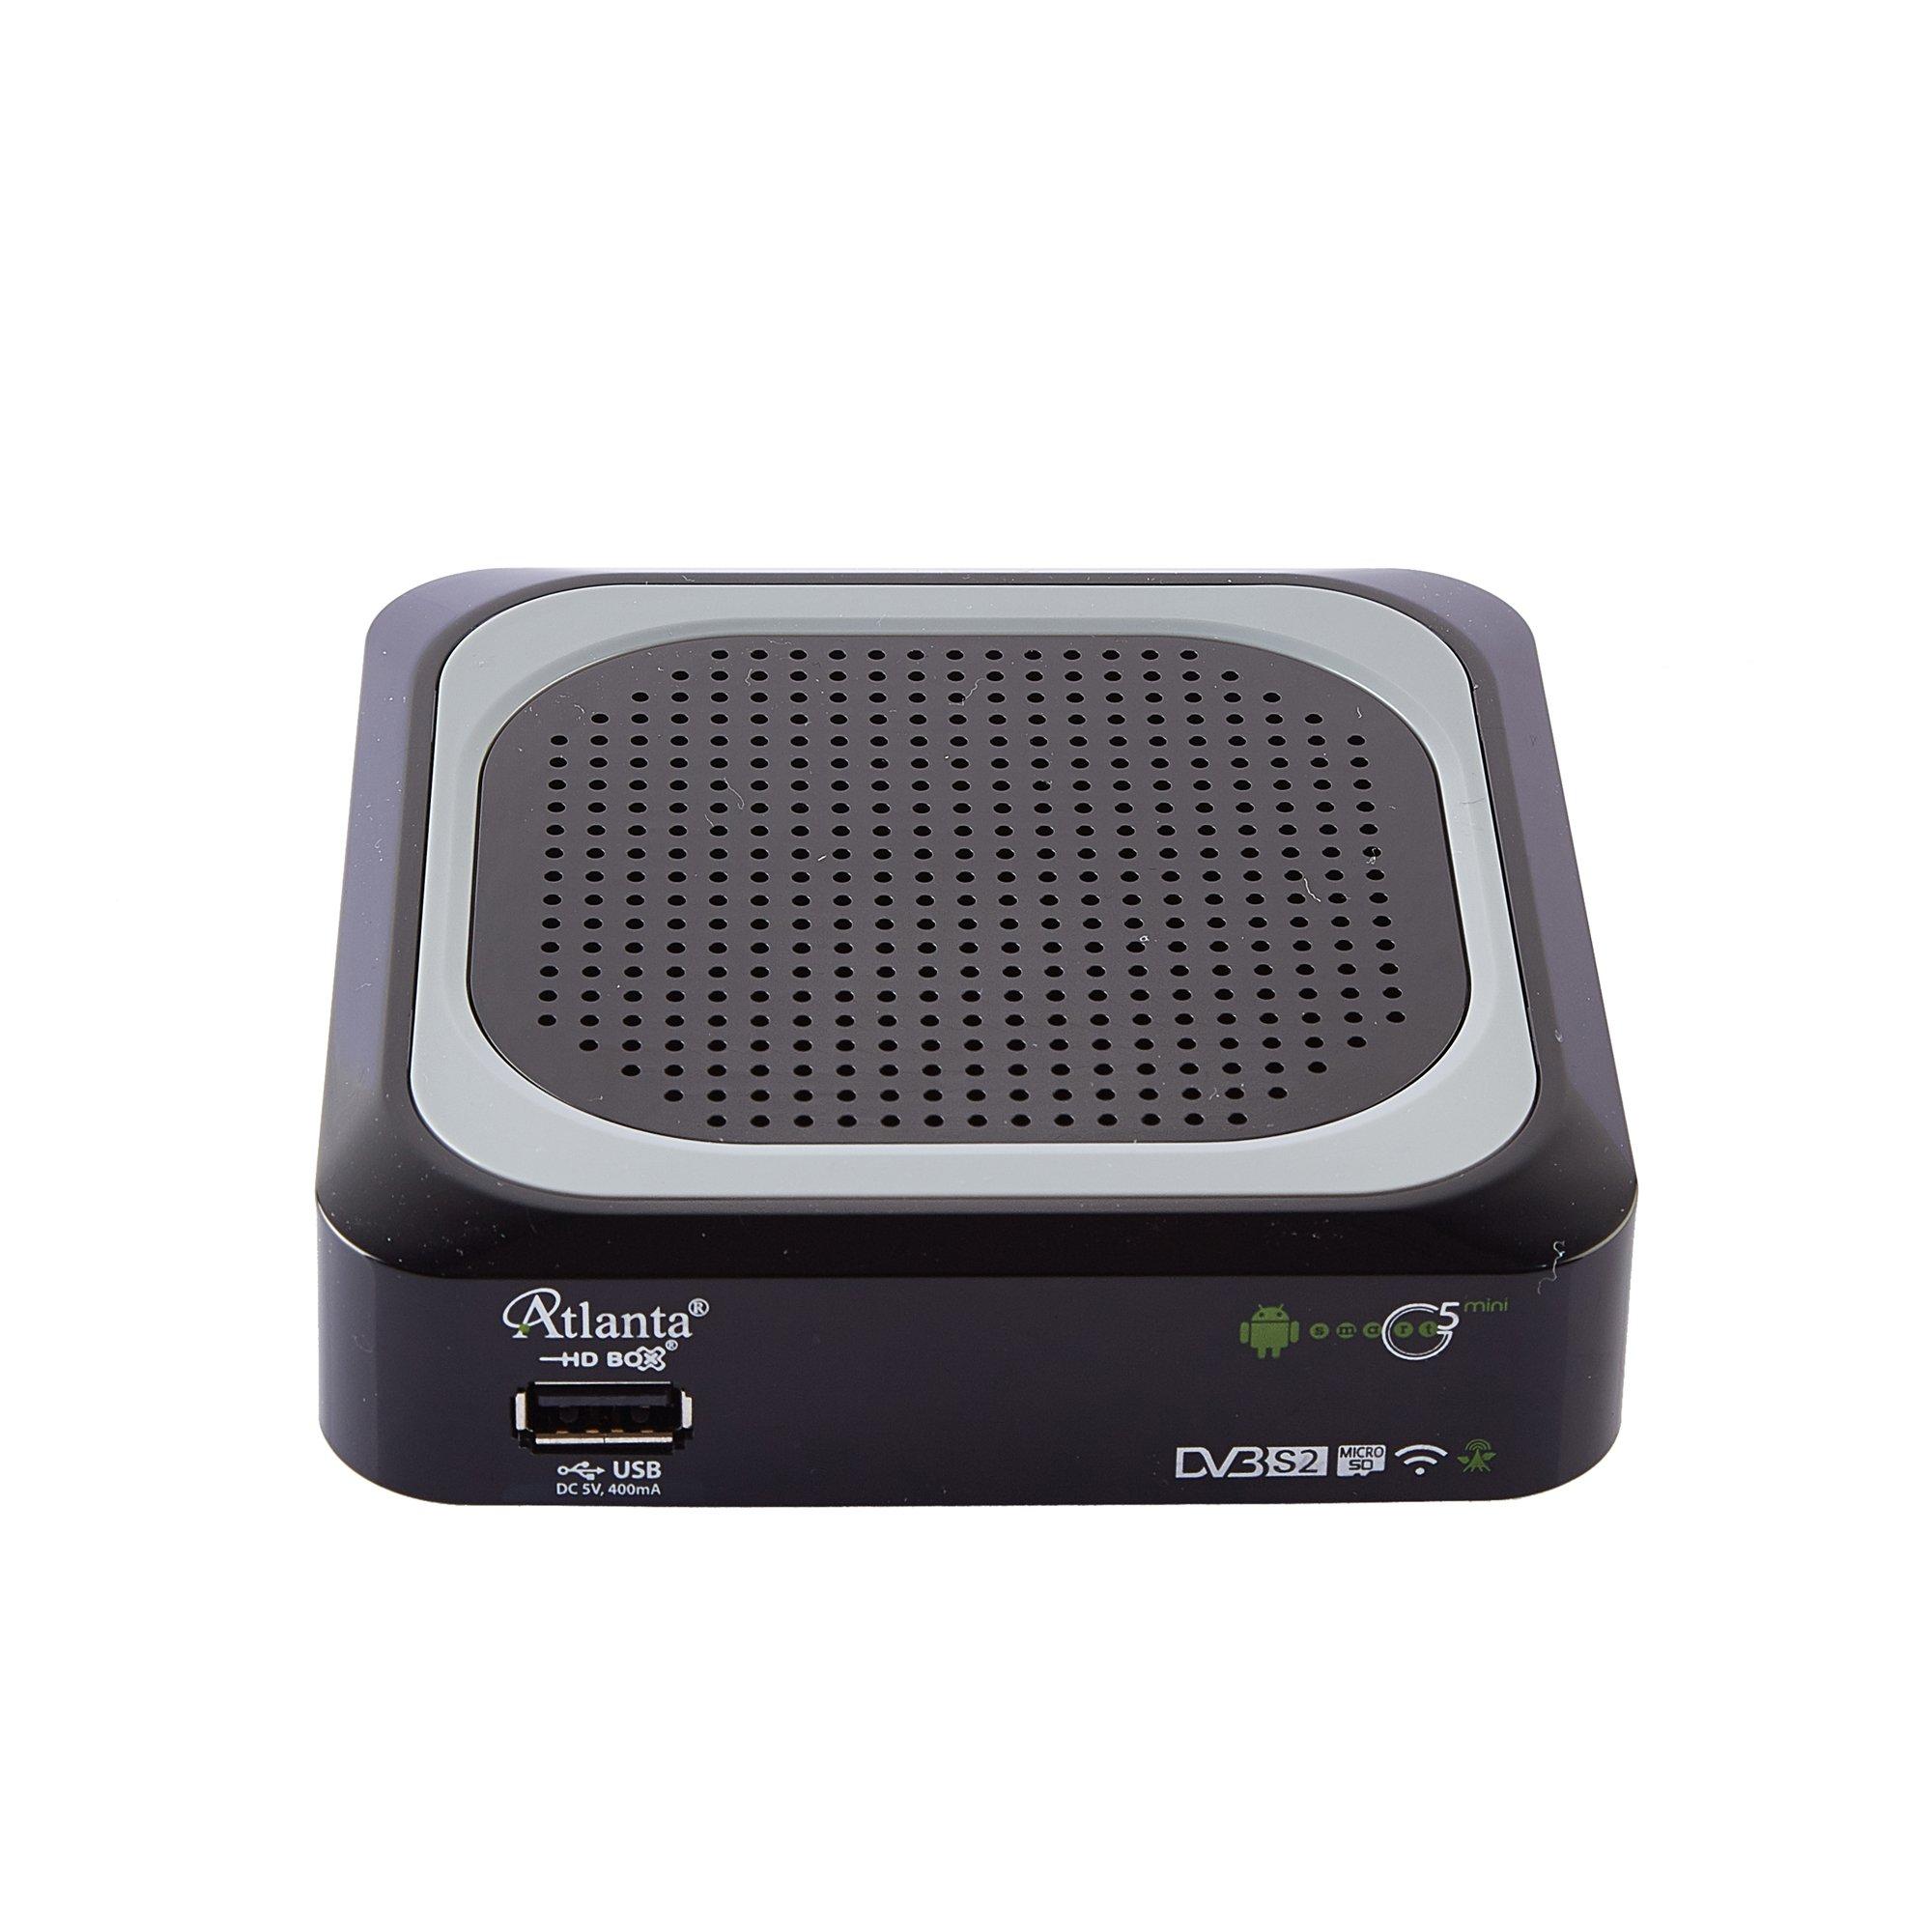 Atlanta Full HD Uydu Alıcısı Smart G5 Mini Modeli